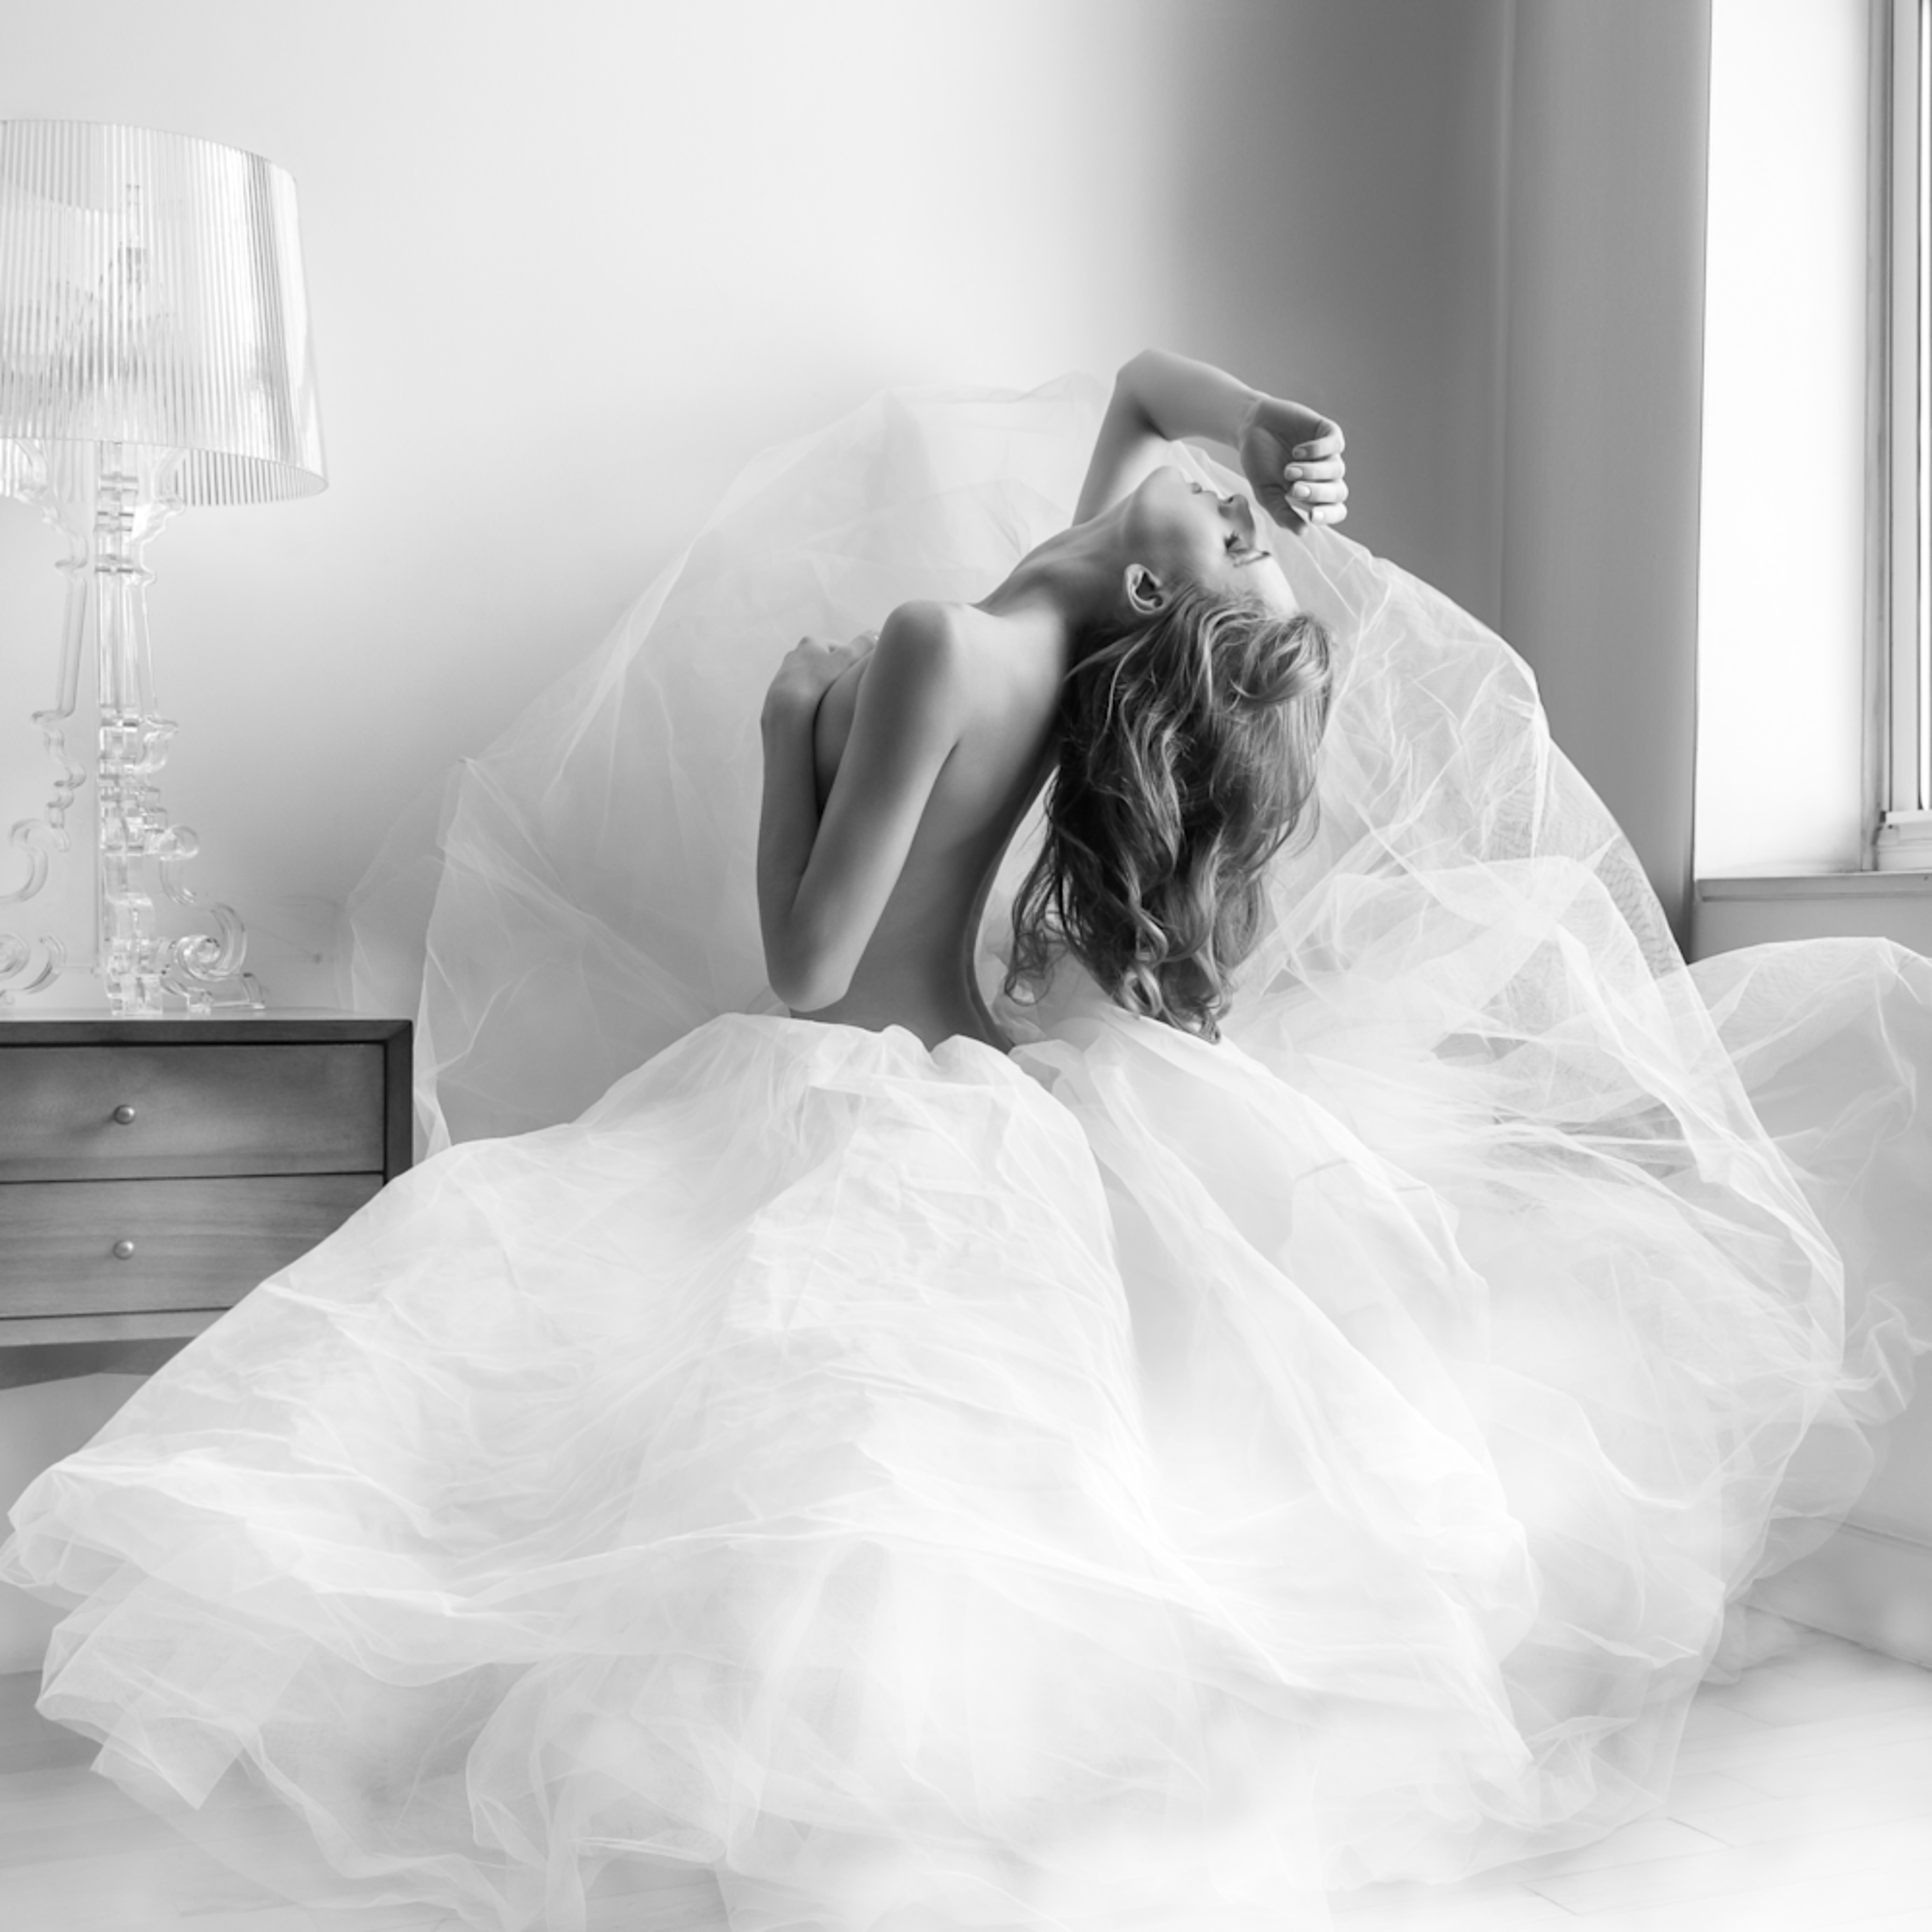 Bc5i2930 tati wedding dress1 nxlrp9